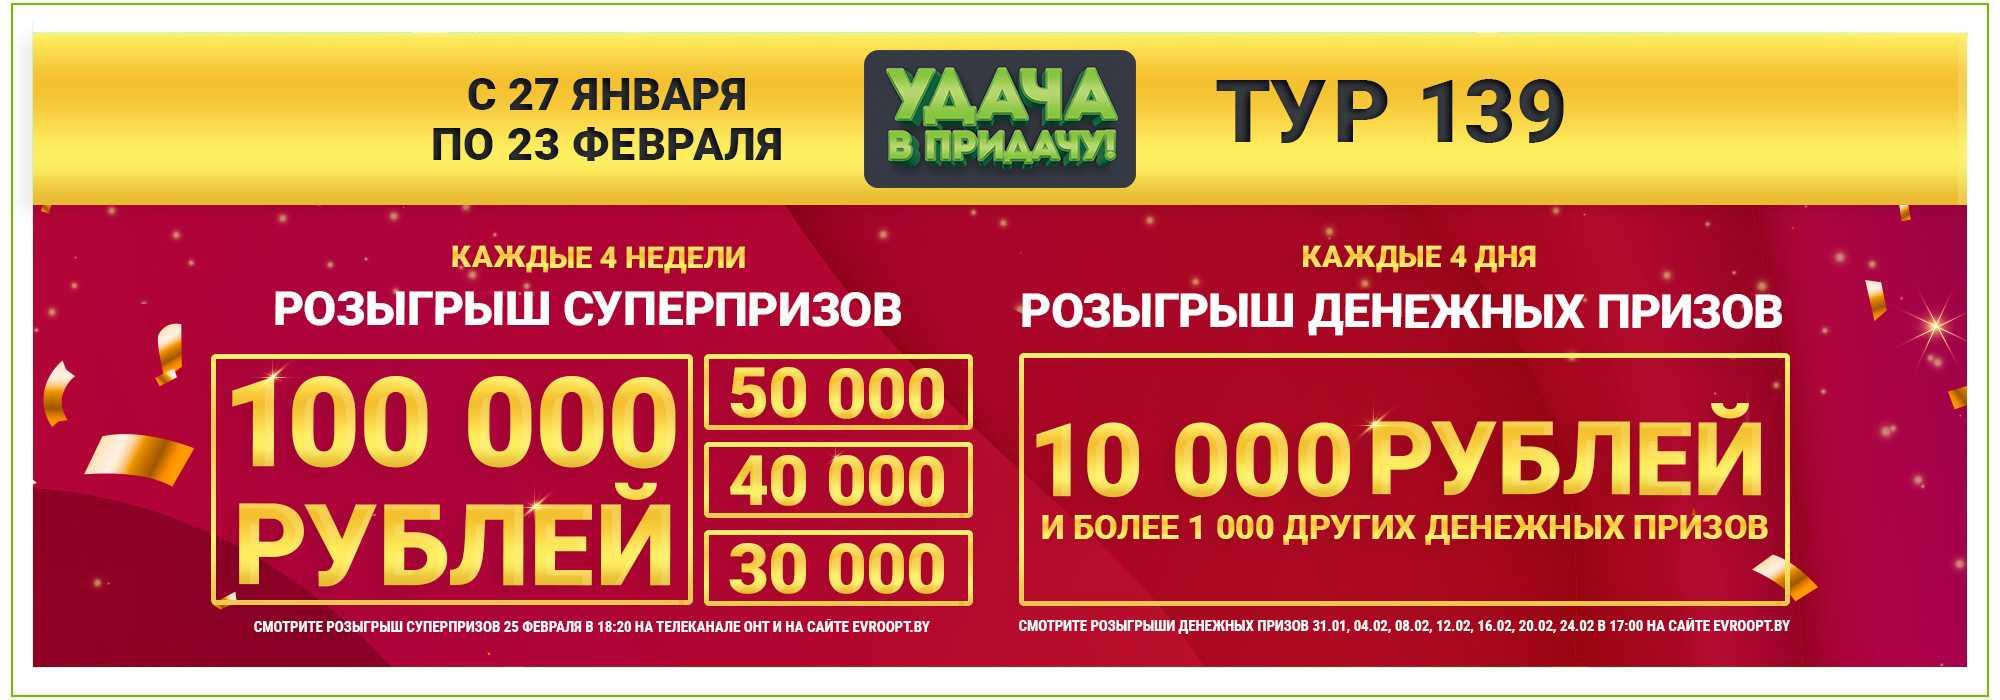 Личный кабинет удача в придачу евроопт на igra.evroopt.by